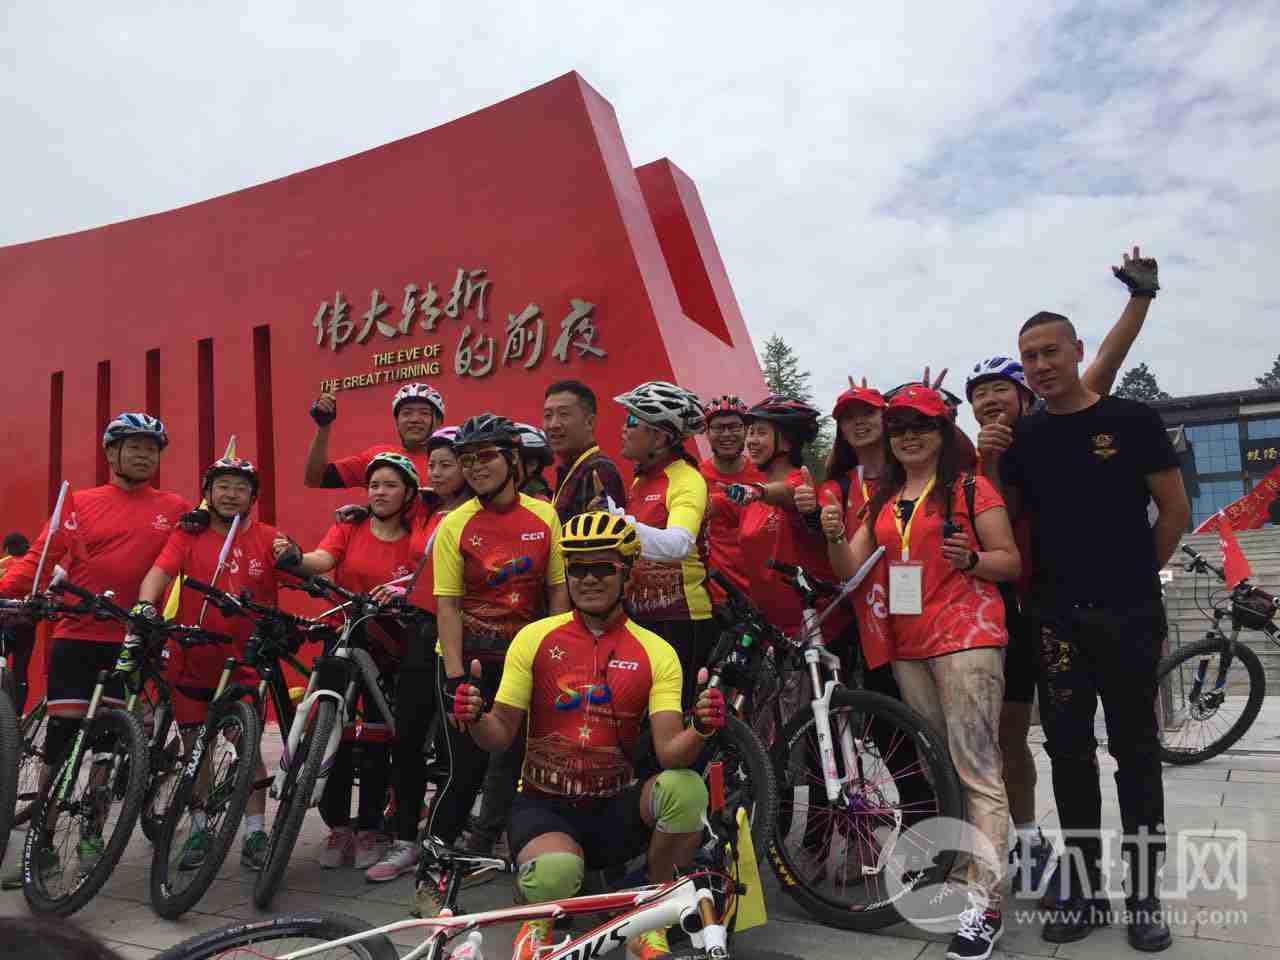 纪念红军长征胜利80周年大型骑行活动瓮安站圆满收官